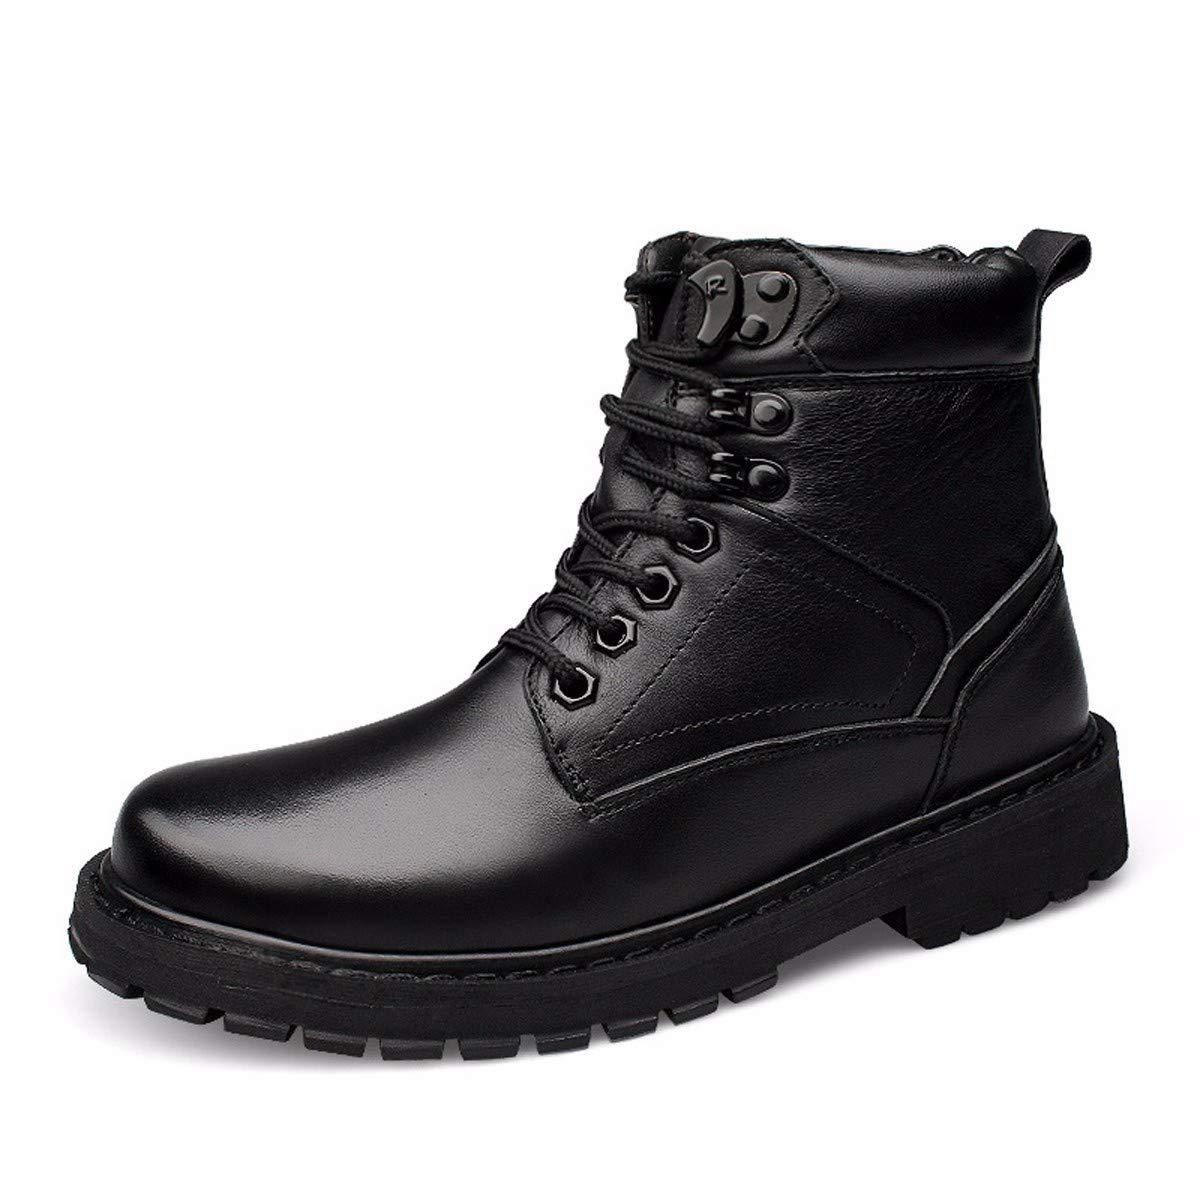 KMJBS Männer Schuhe/Kurze Stiefel Martin Stiefel Männer - Stiefel Englisch Winter Männer Herbst Und Winter Englisch a0b2b4